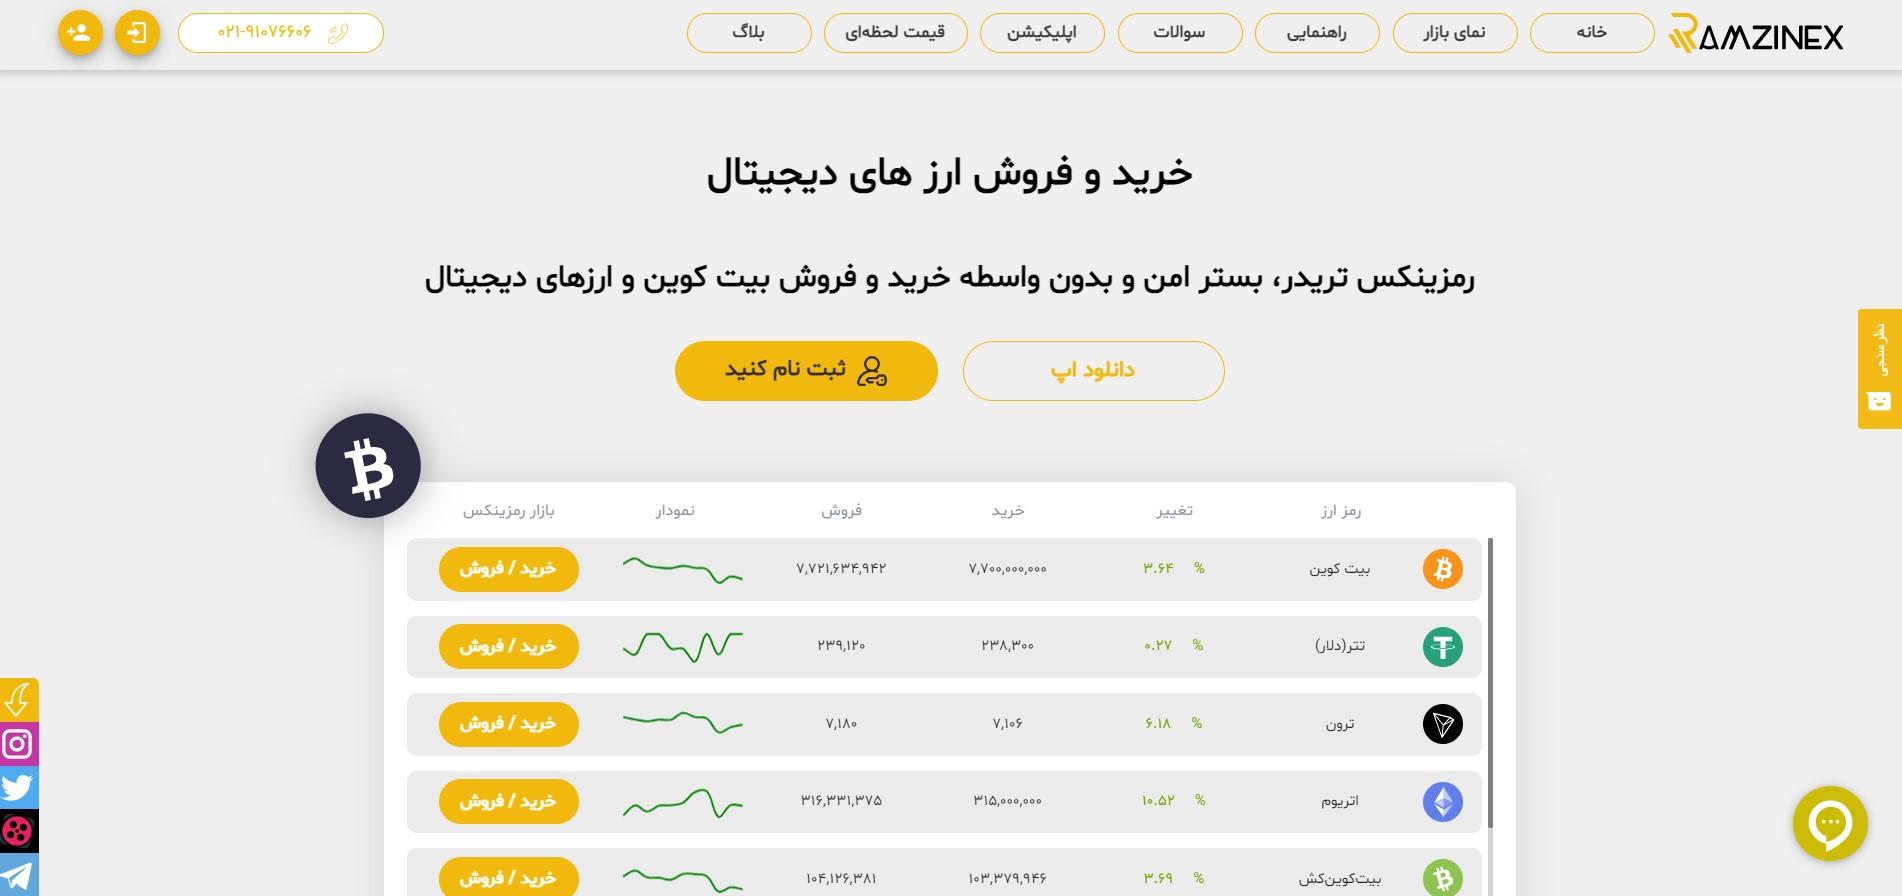 دیتاک ارز دیجیتال, بهترین سایت خرید و فروش ارز دیجیتال, بهترین صرافی ارز دیجیتال ایرانی, بهترین صرافی های آنلاین ایران, صرافی آنلاین, صرافی ارز دیجیتال